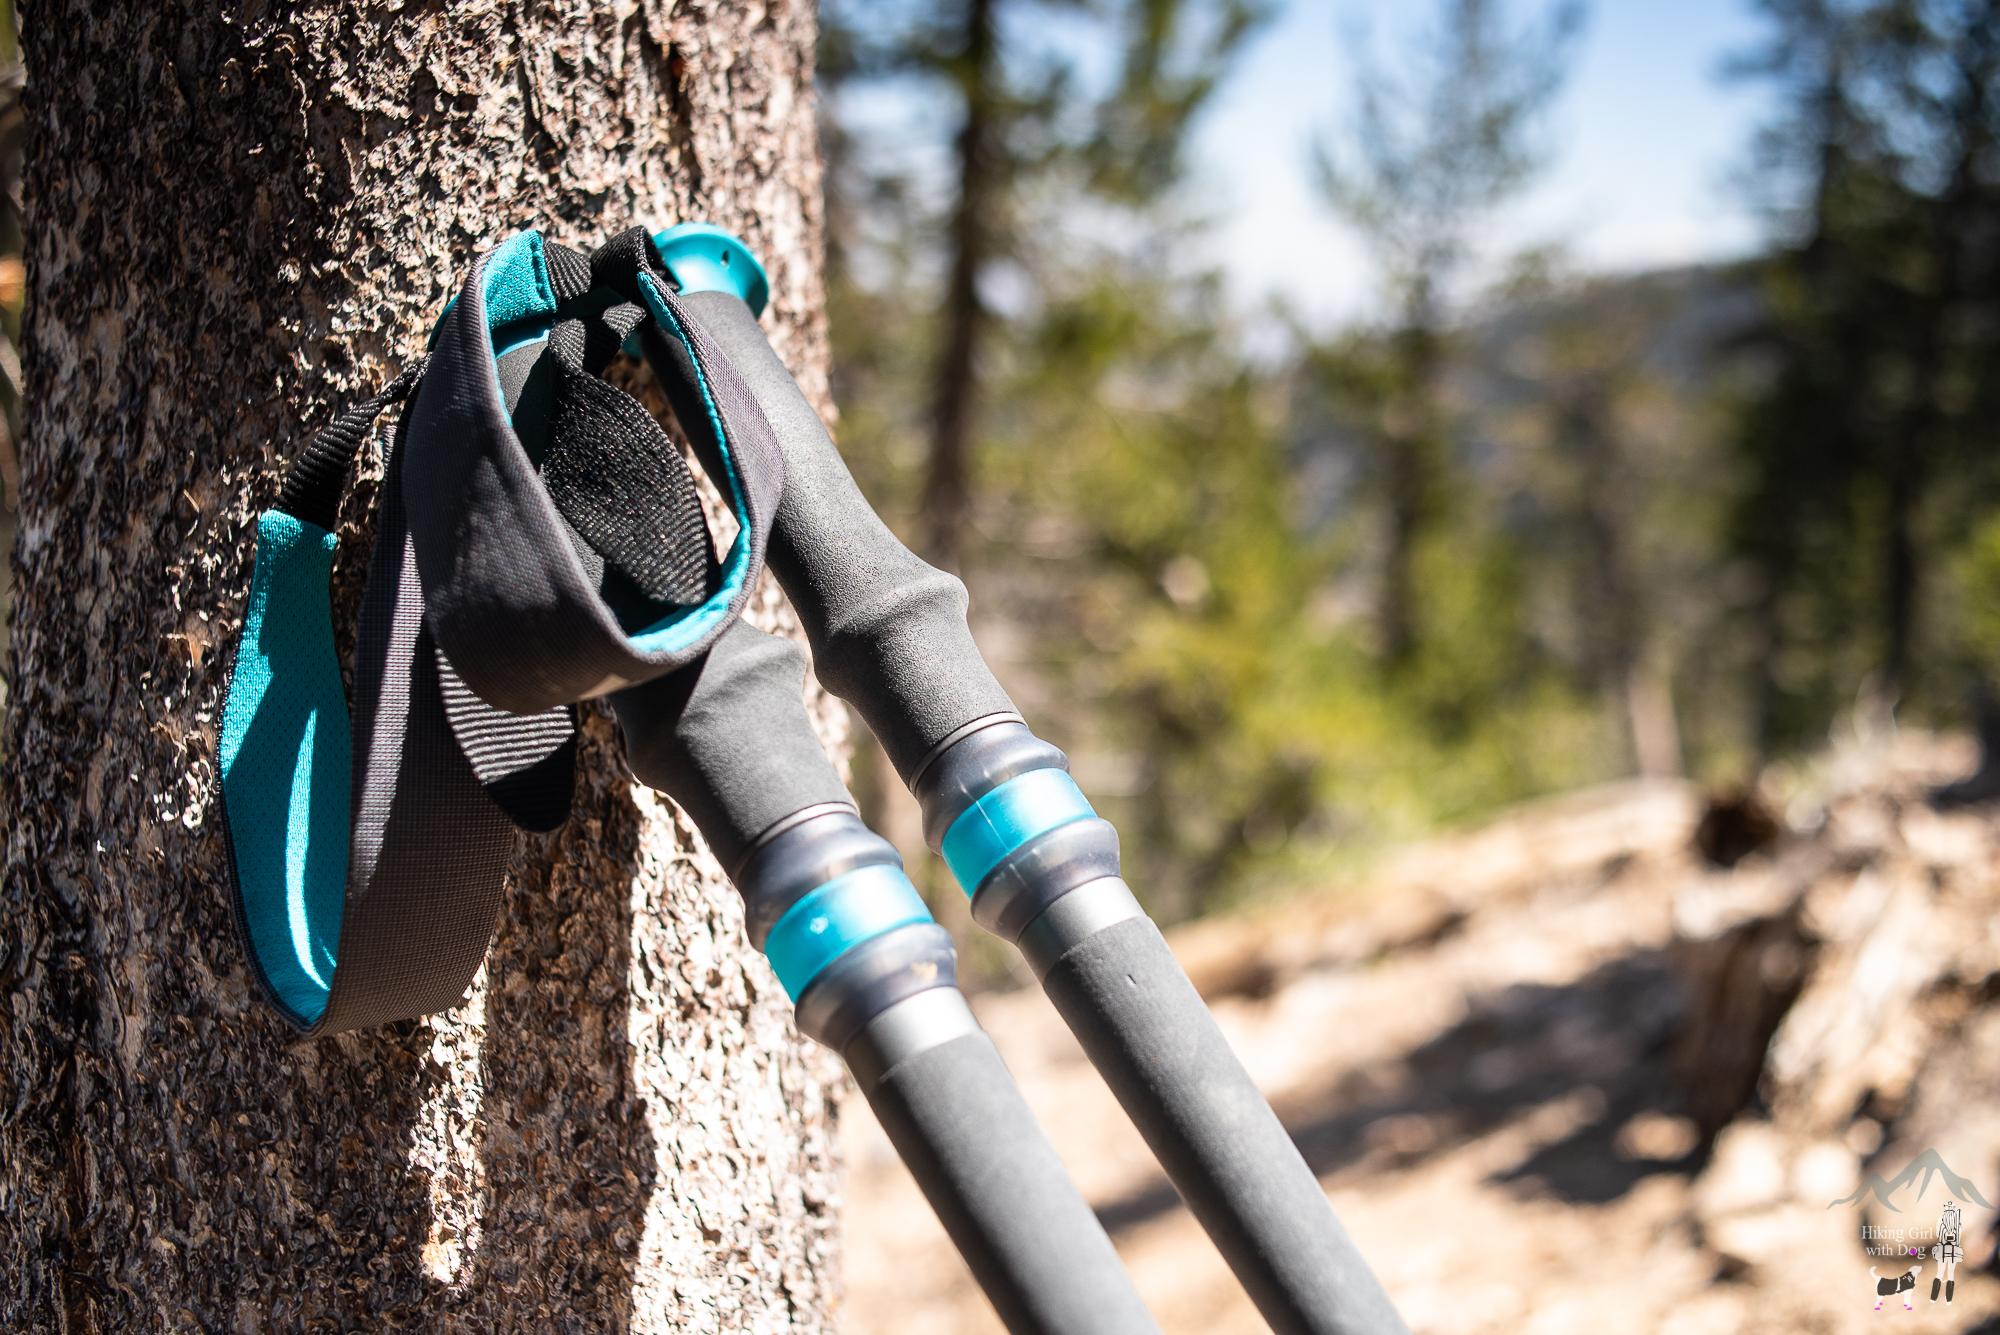 trekking_poles-1